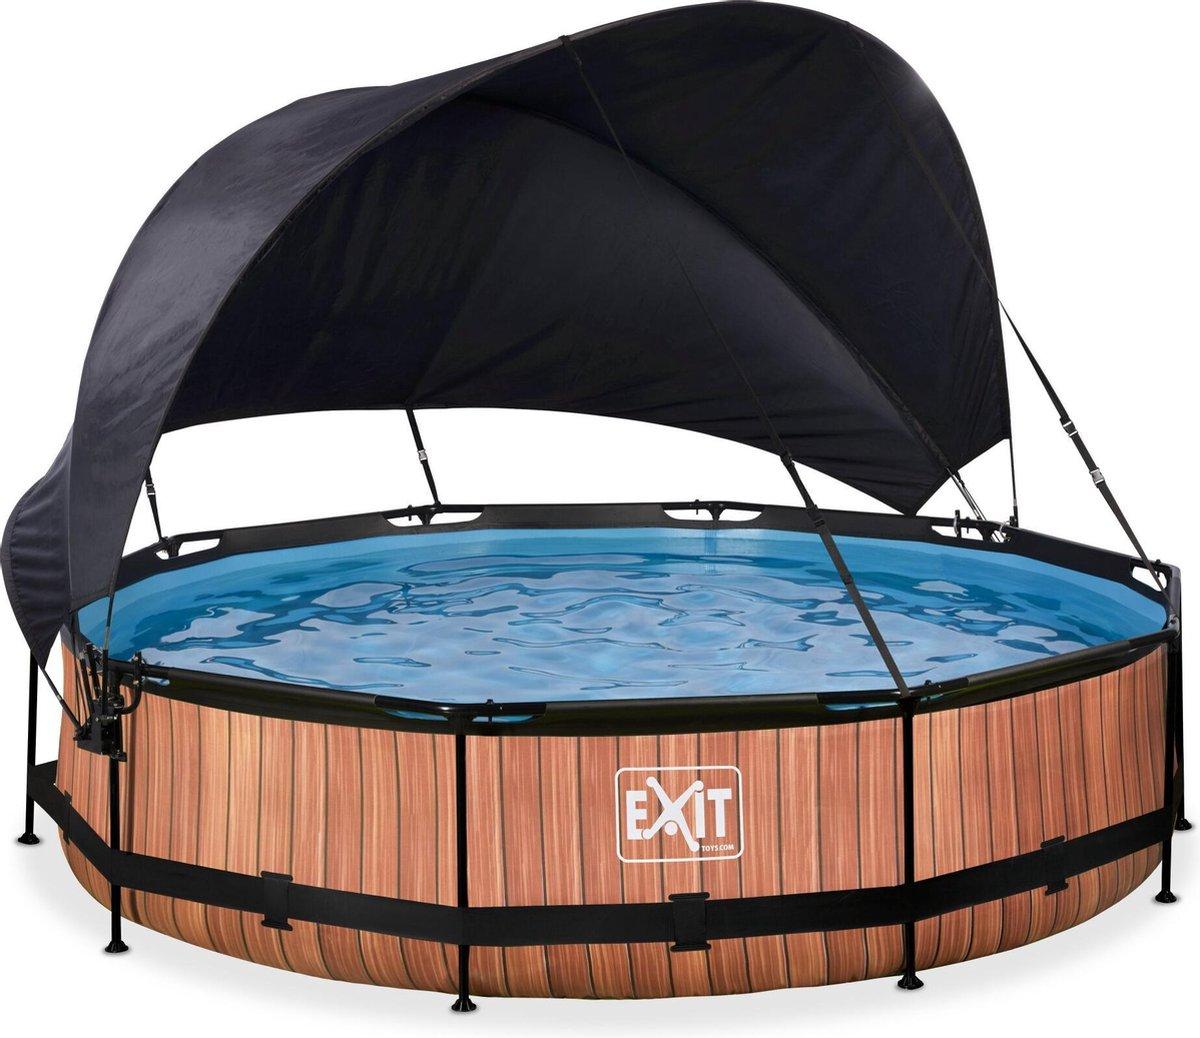 EXIT Wood zwembad ø360x76cm met schaduwdoek en filterpomp - bruin